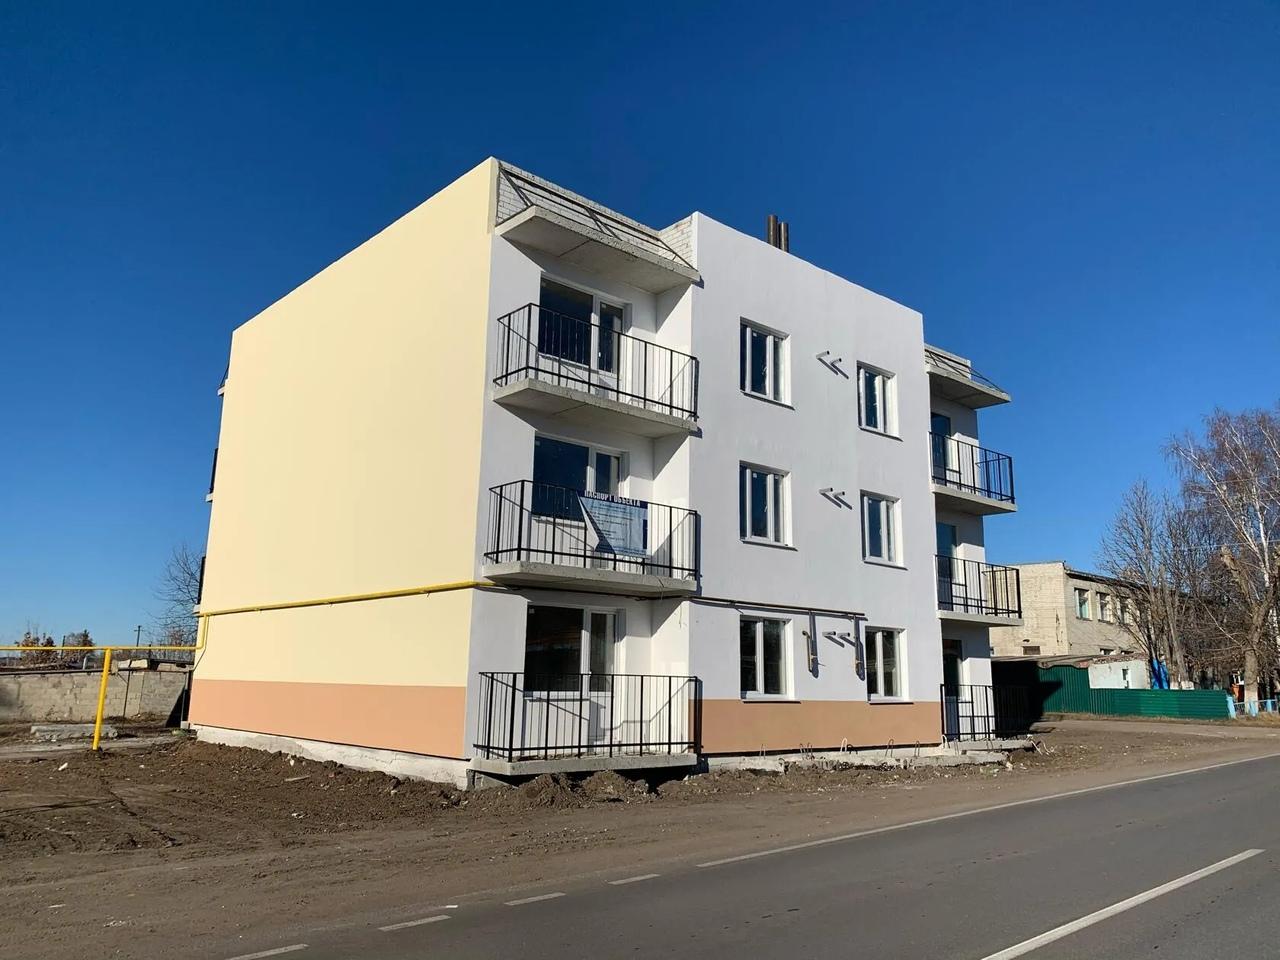 Глава Петровского района Денис Фадеев проконтролировал ход строительства дома для обеспечения жильём детей-сирот